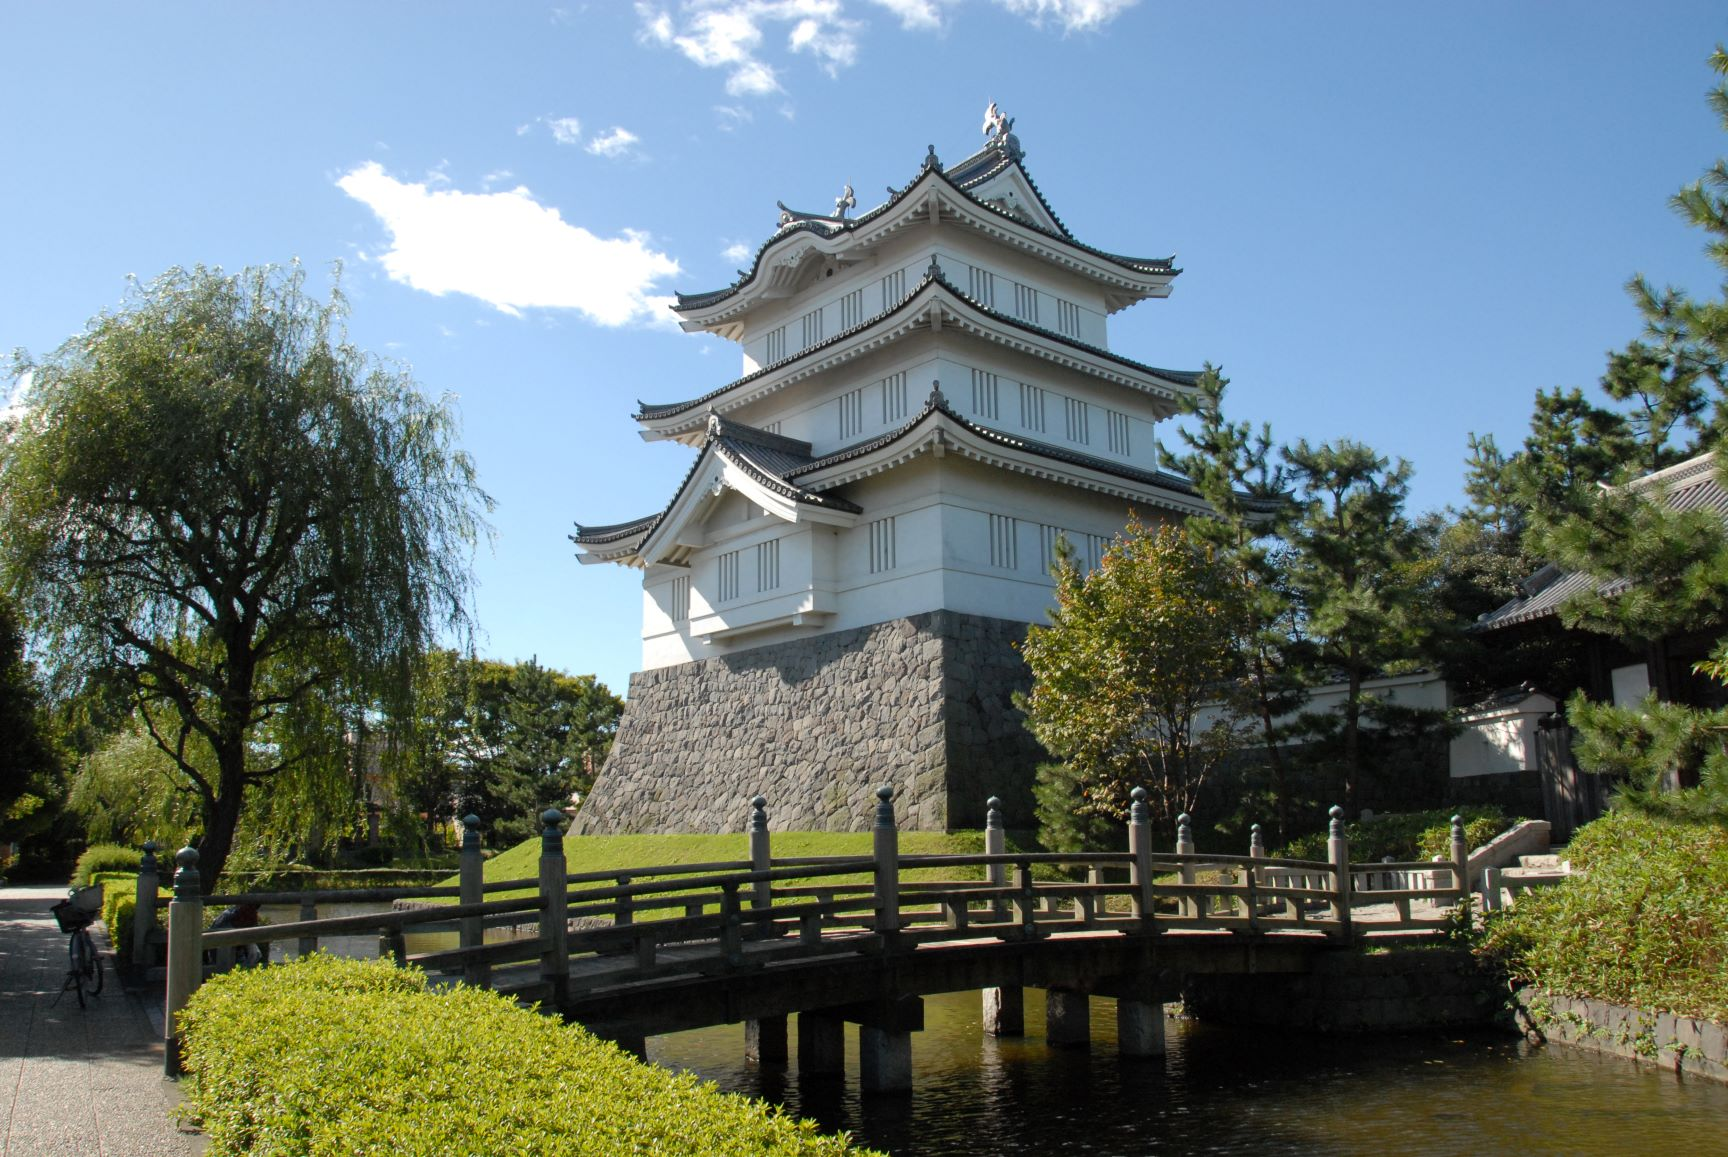 忍城は映画『のぼうの城』の舞台として知られ、秀吉の小田原遠征に際し激戦が繰り広げられた